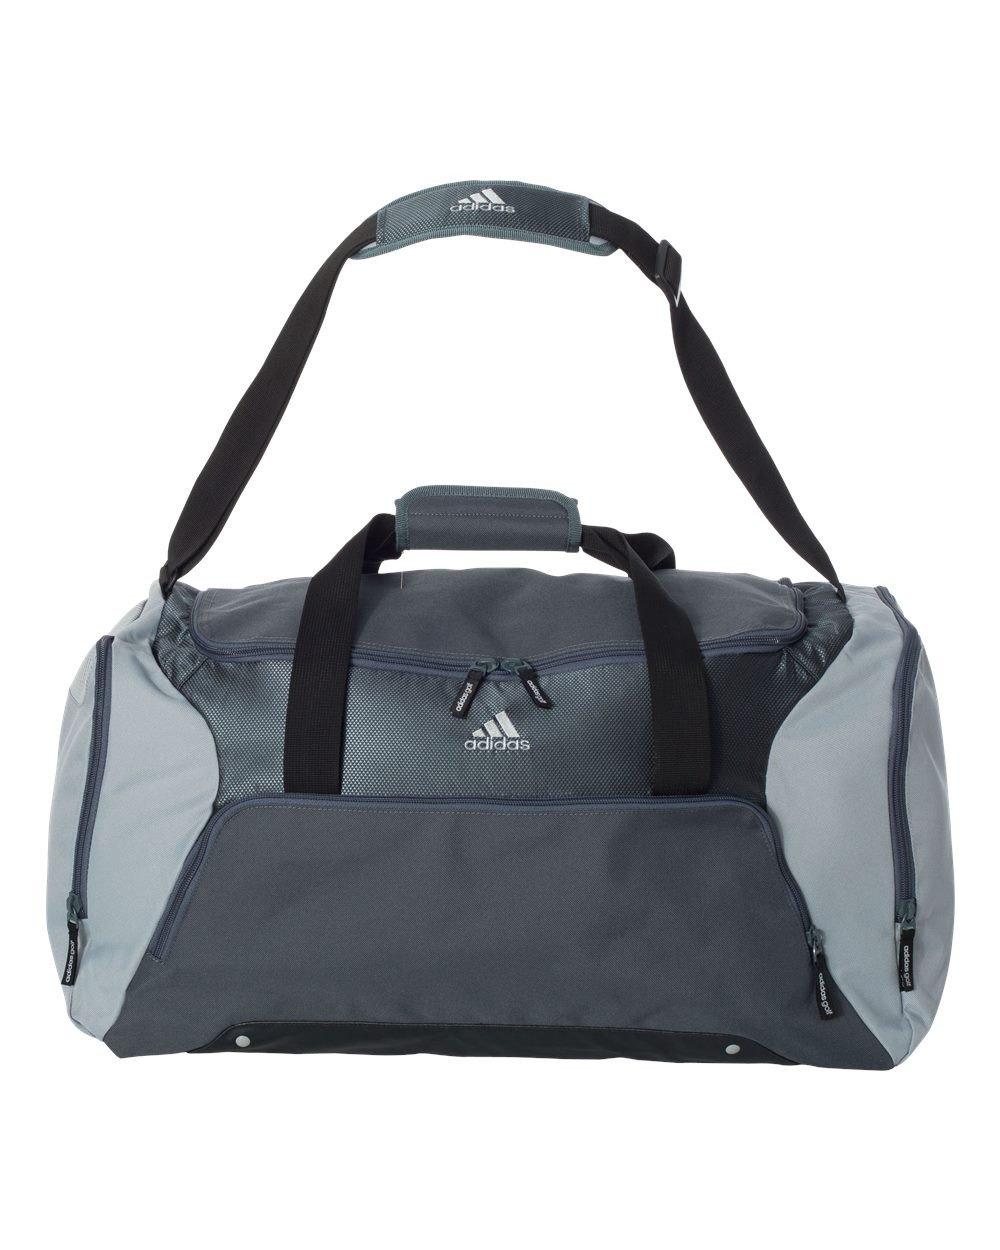 Adidas – 51.9l Medium duffel-a310 B00SG2GG3Y Bold Onix/ Light Grey/ Black One